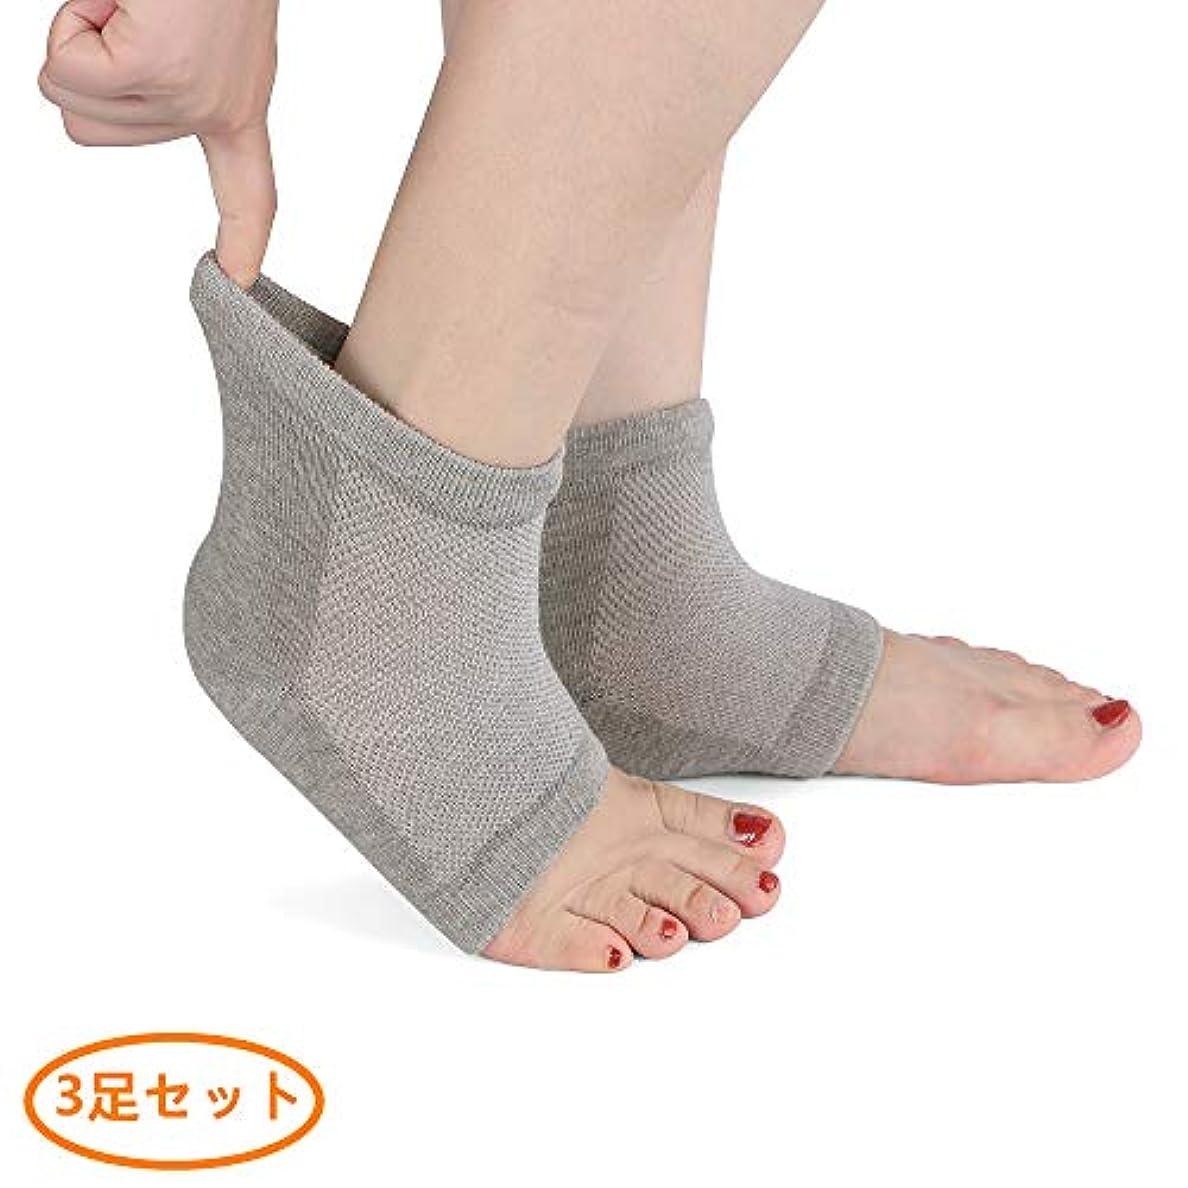 急速なすることになっている主導権YUANSHOP1 かかとケア ソックス 3足セット かかと靴下 レディース メンズ ひび割れケア/角質除去/保湿/美容 足SPA 足ケア フリーサイズ (グレー)